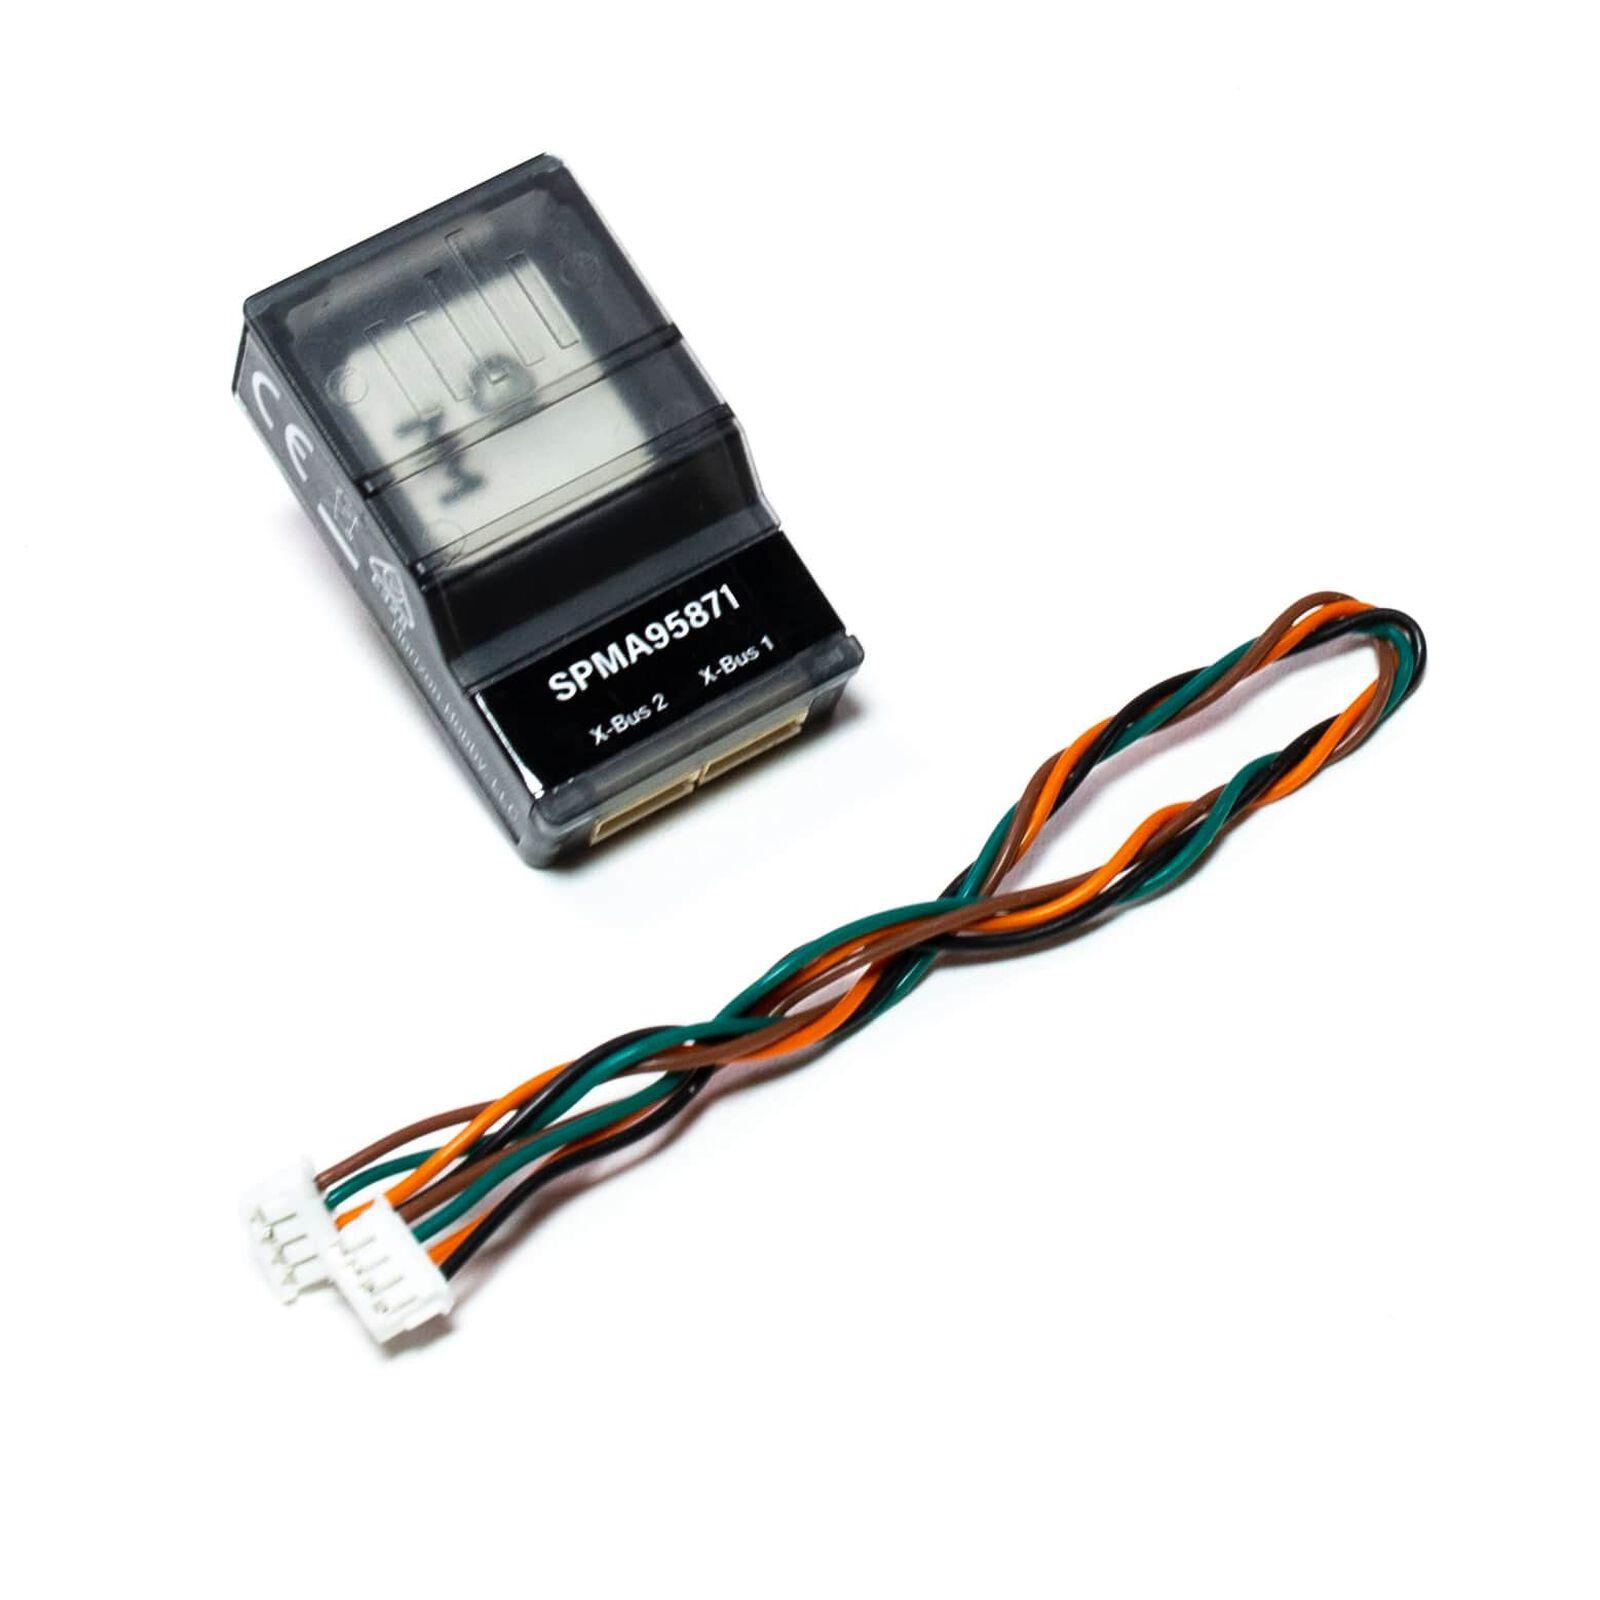 GPS Telemetry Sensor